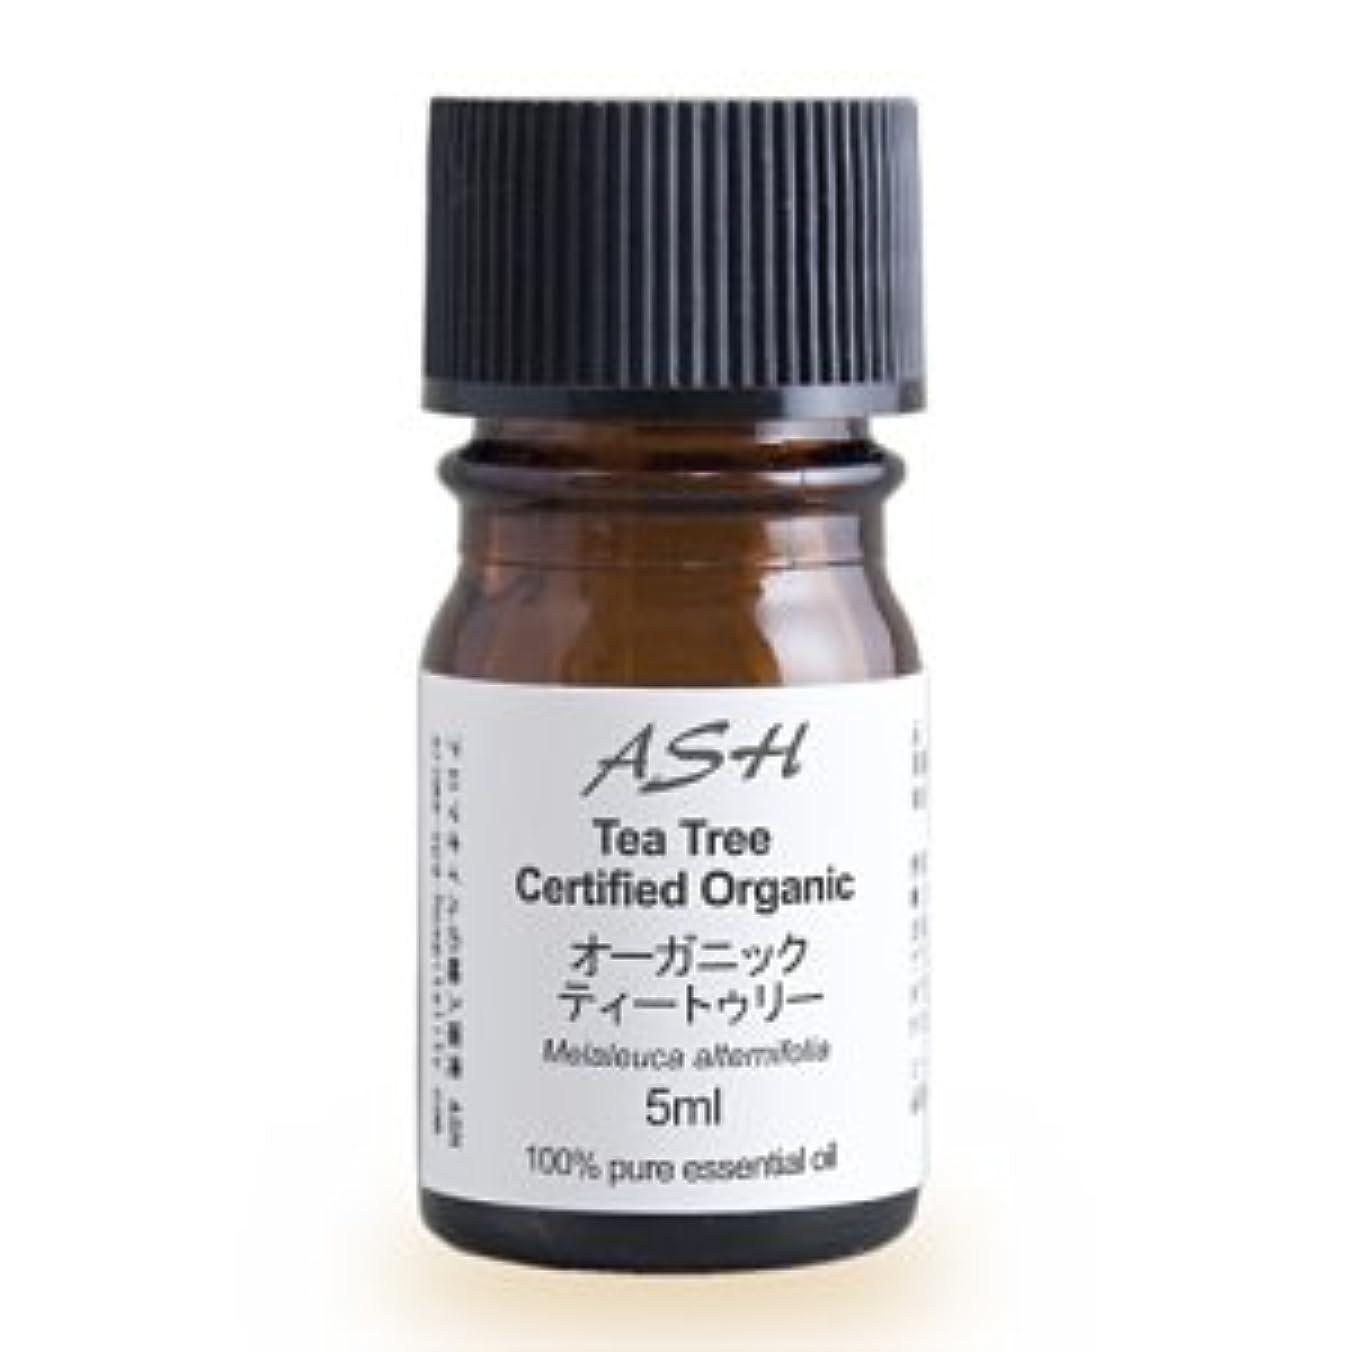 連続的直面する撃退するASH オーガニック ティートゥリー (ティーツリー) エッセンシャルオイル 5ml AEAJ表示基準適合認定精油